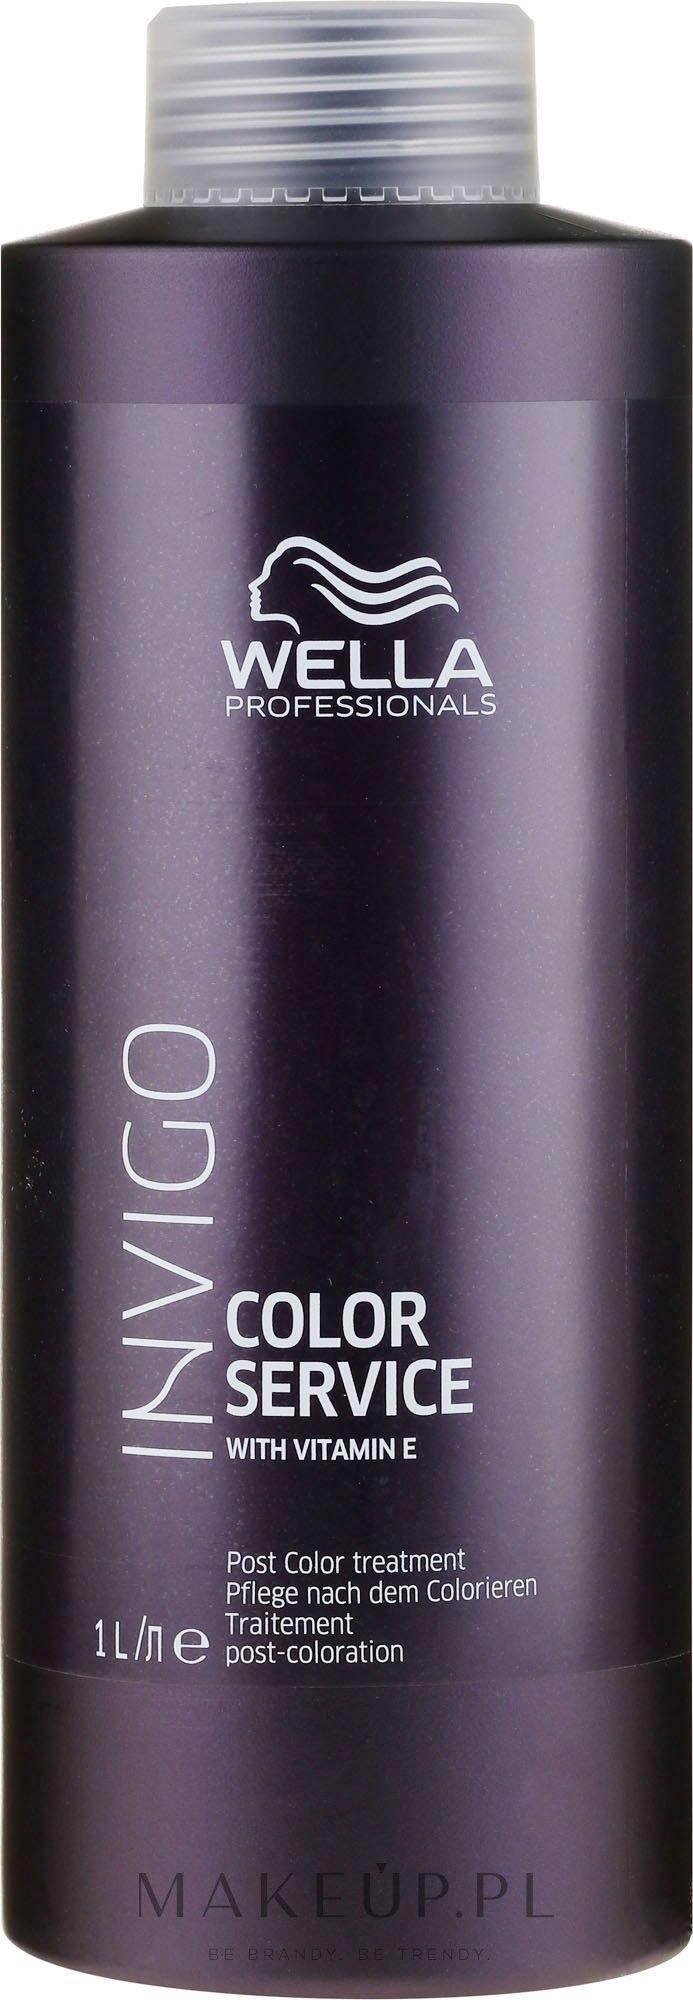 Intensywna kuracja stabilizująca włosy po koloryzacji - Wella Invigo Color Service Post Treatment — фото 1000 ml